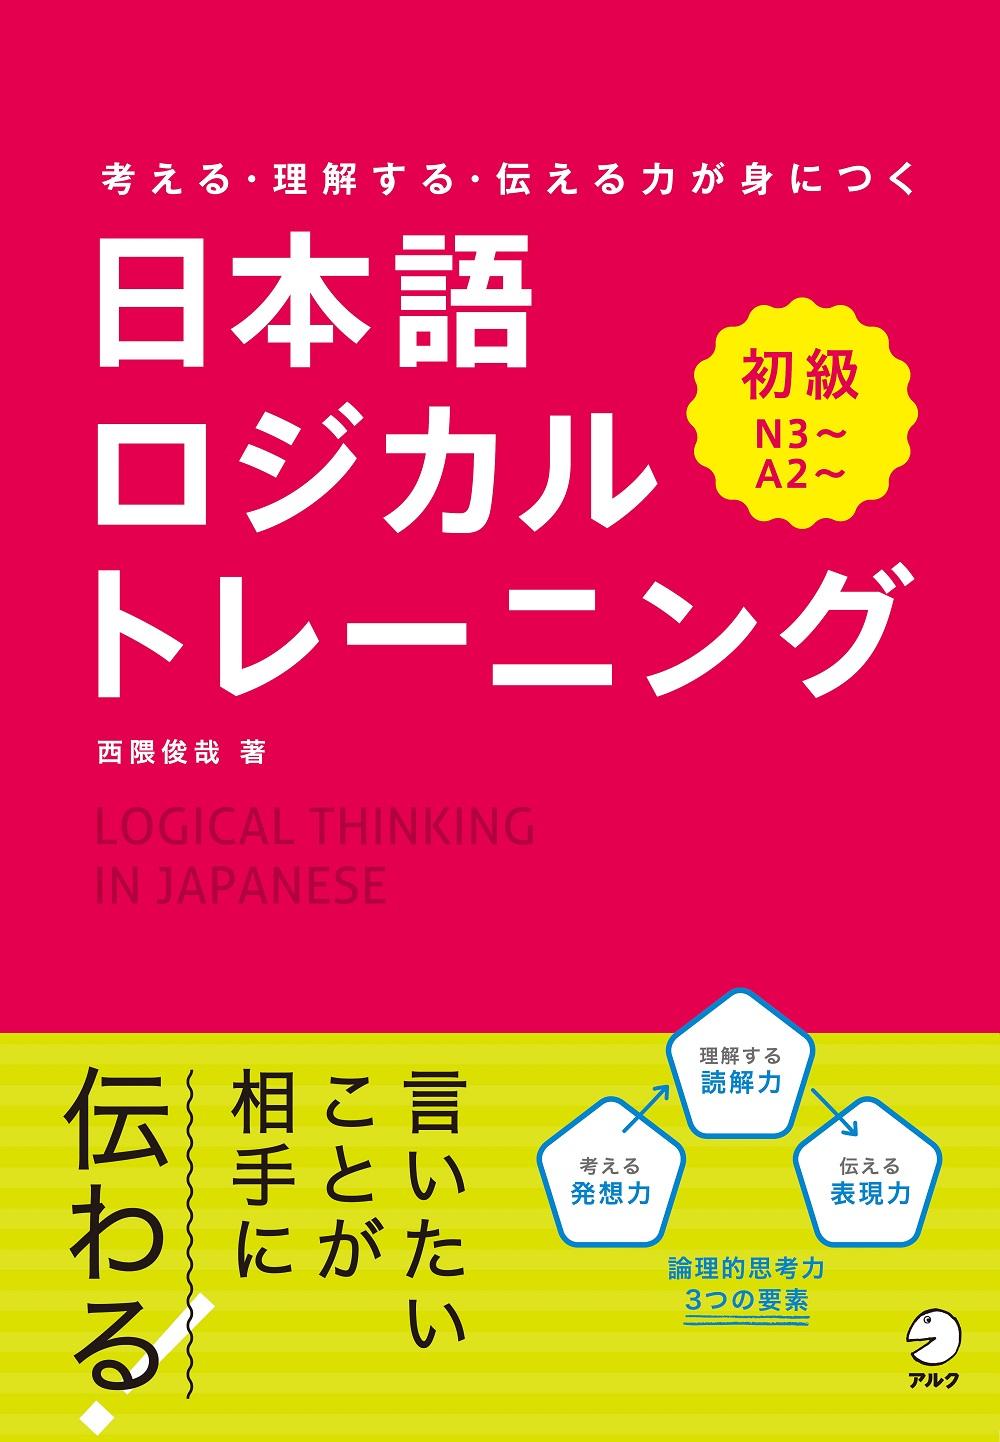 考える・理解する・伝える力が身につく 日本語ロジカルトレーニング 初級画像